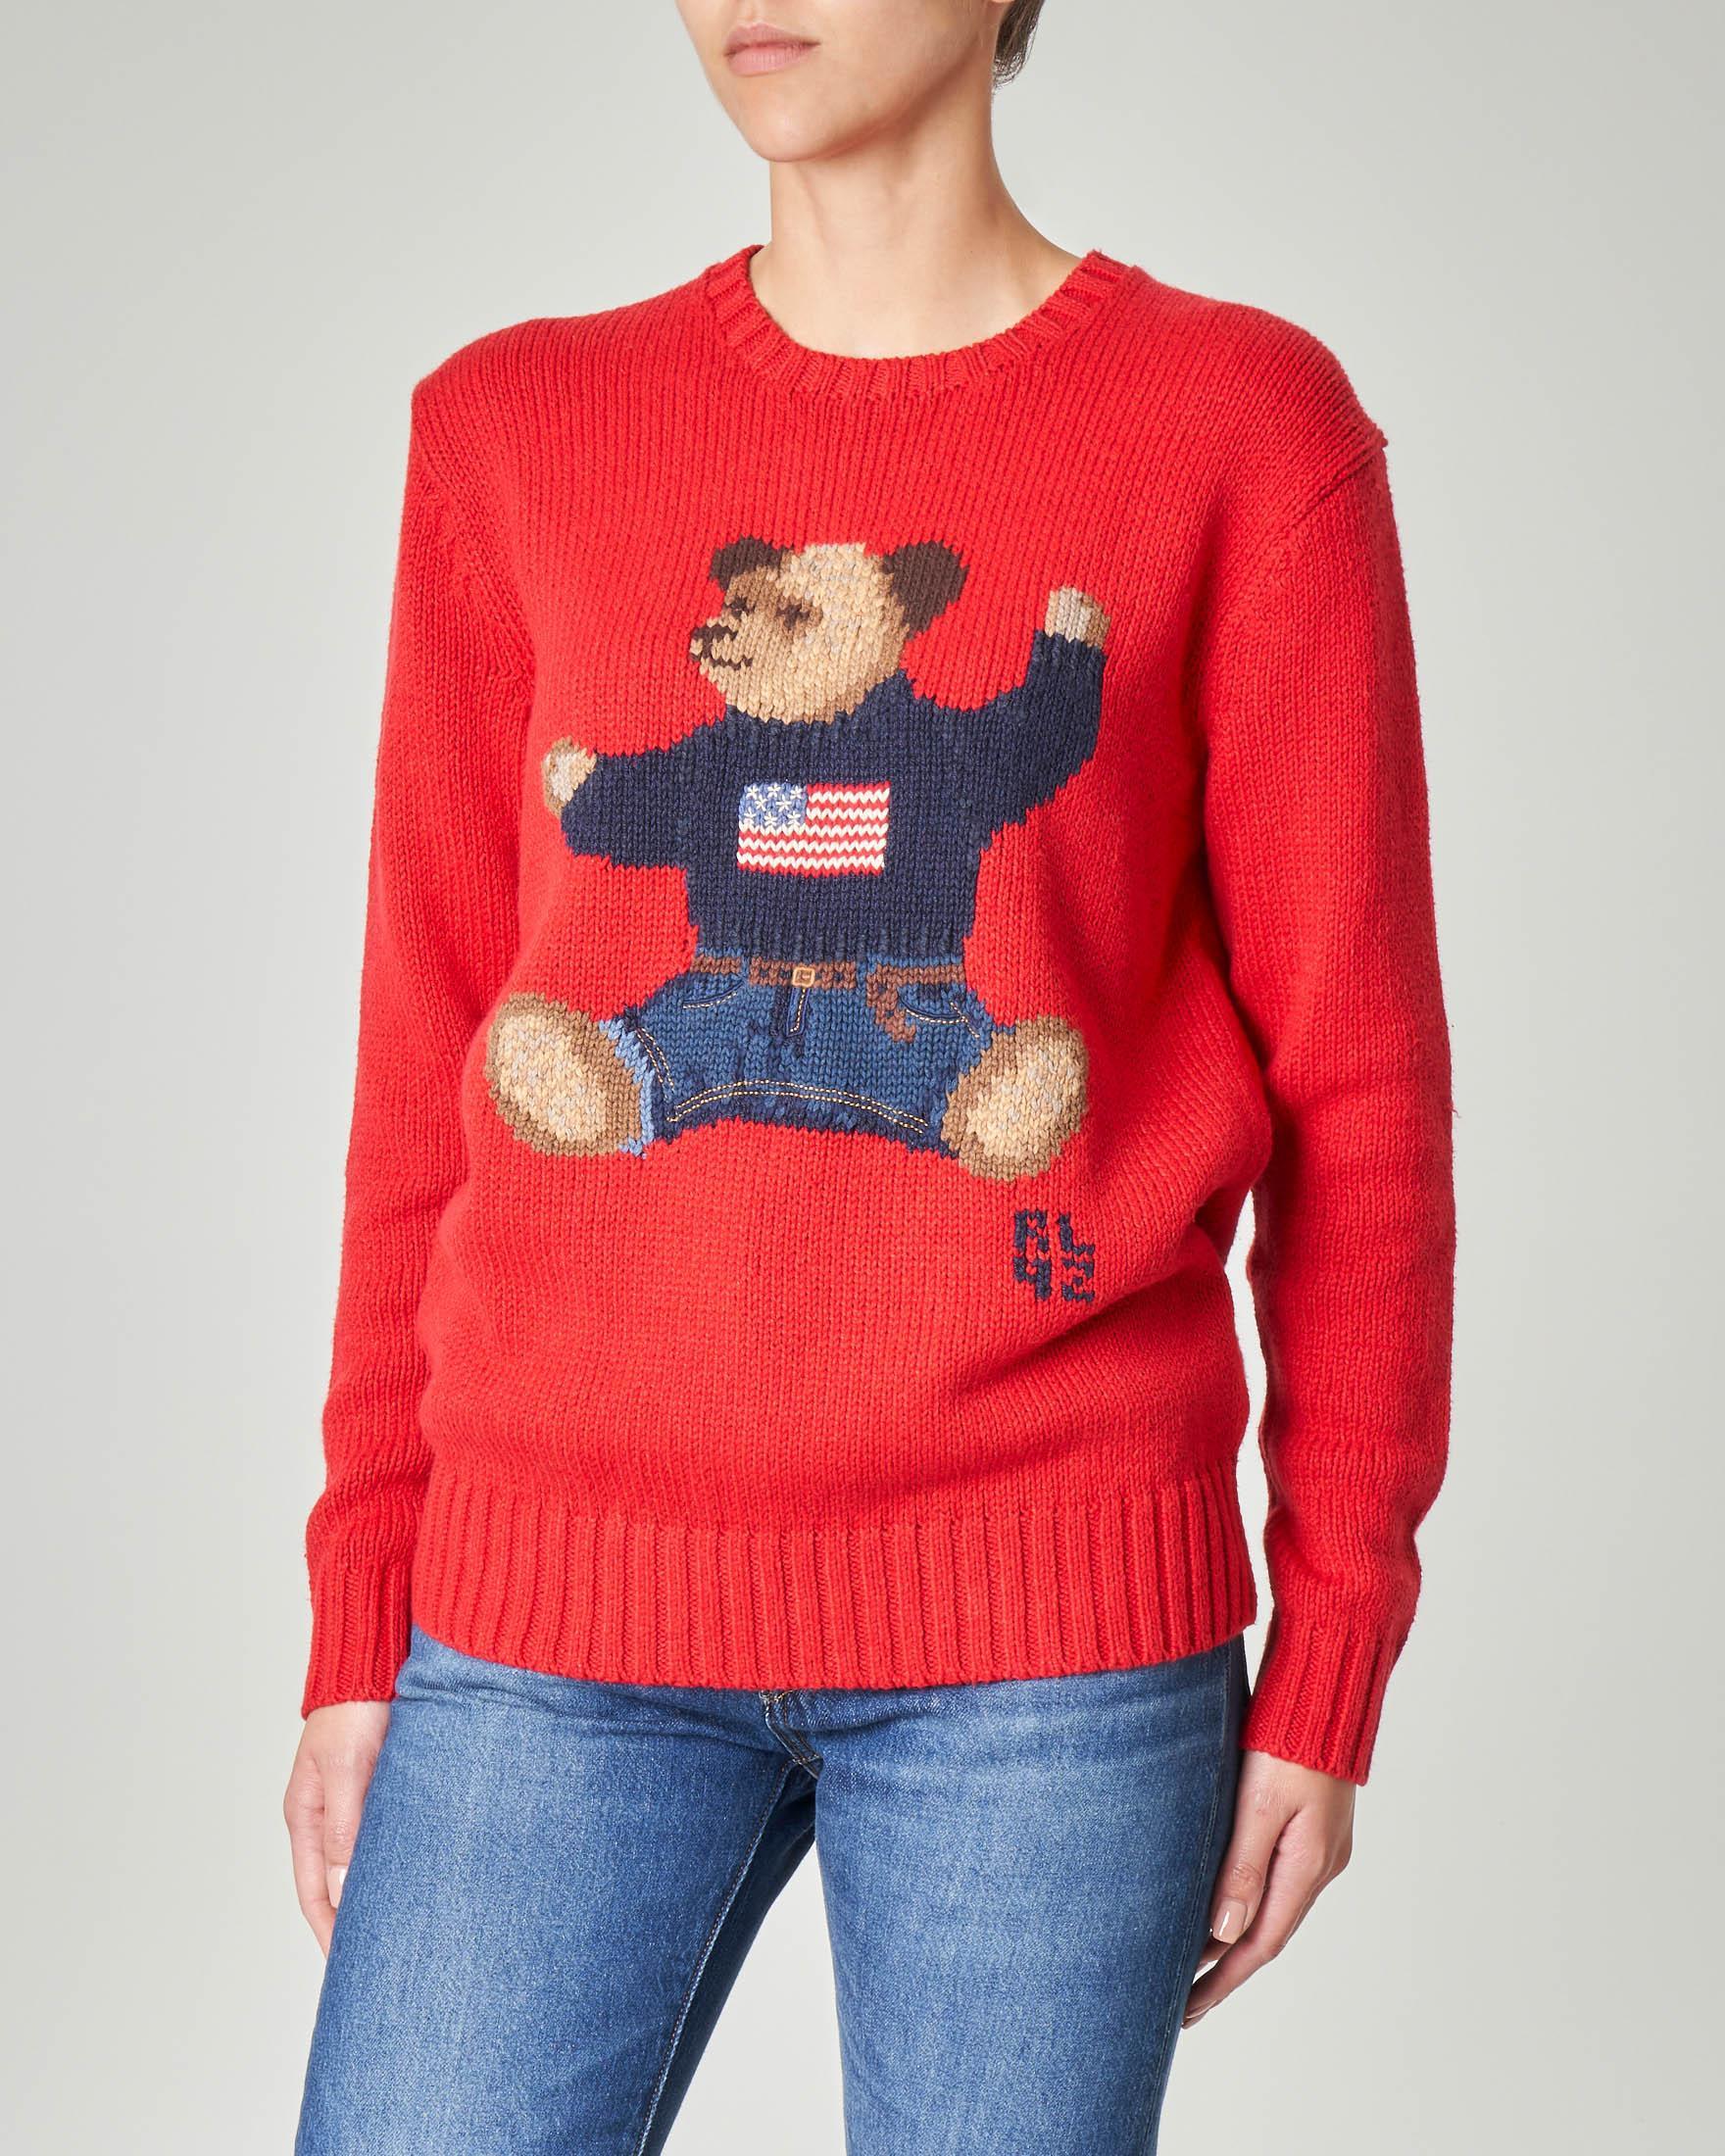 Maglione rosso in cotone misto lino con orso ricamato jacquard